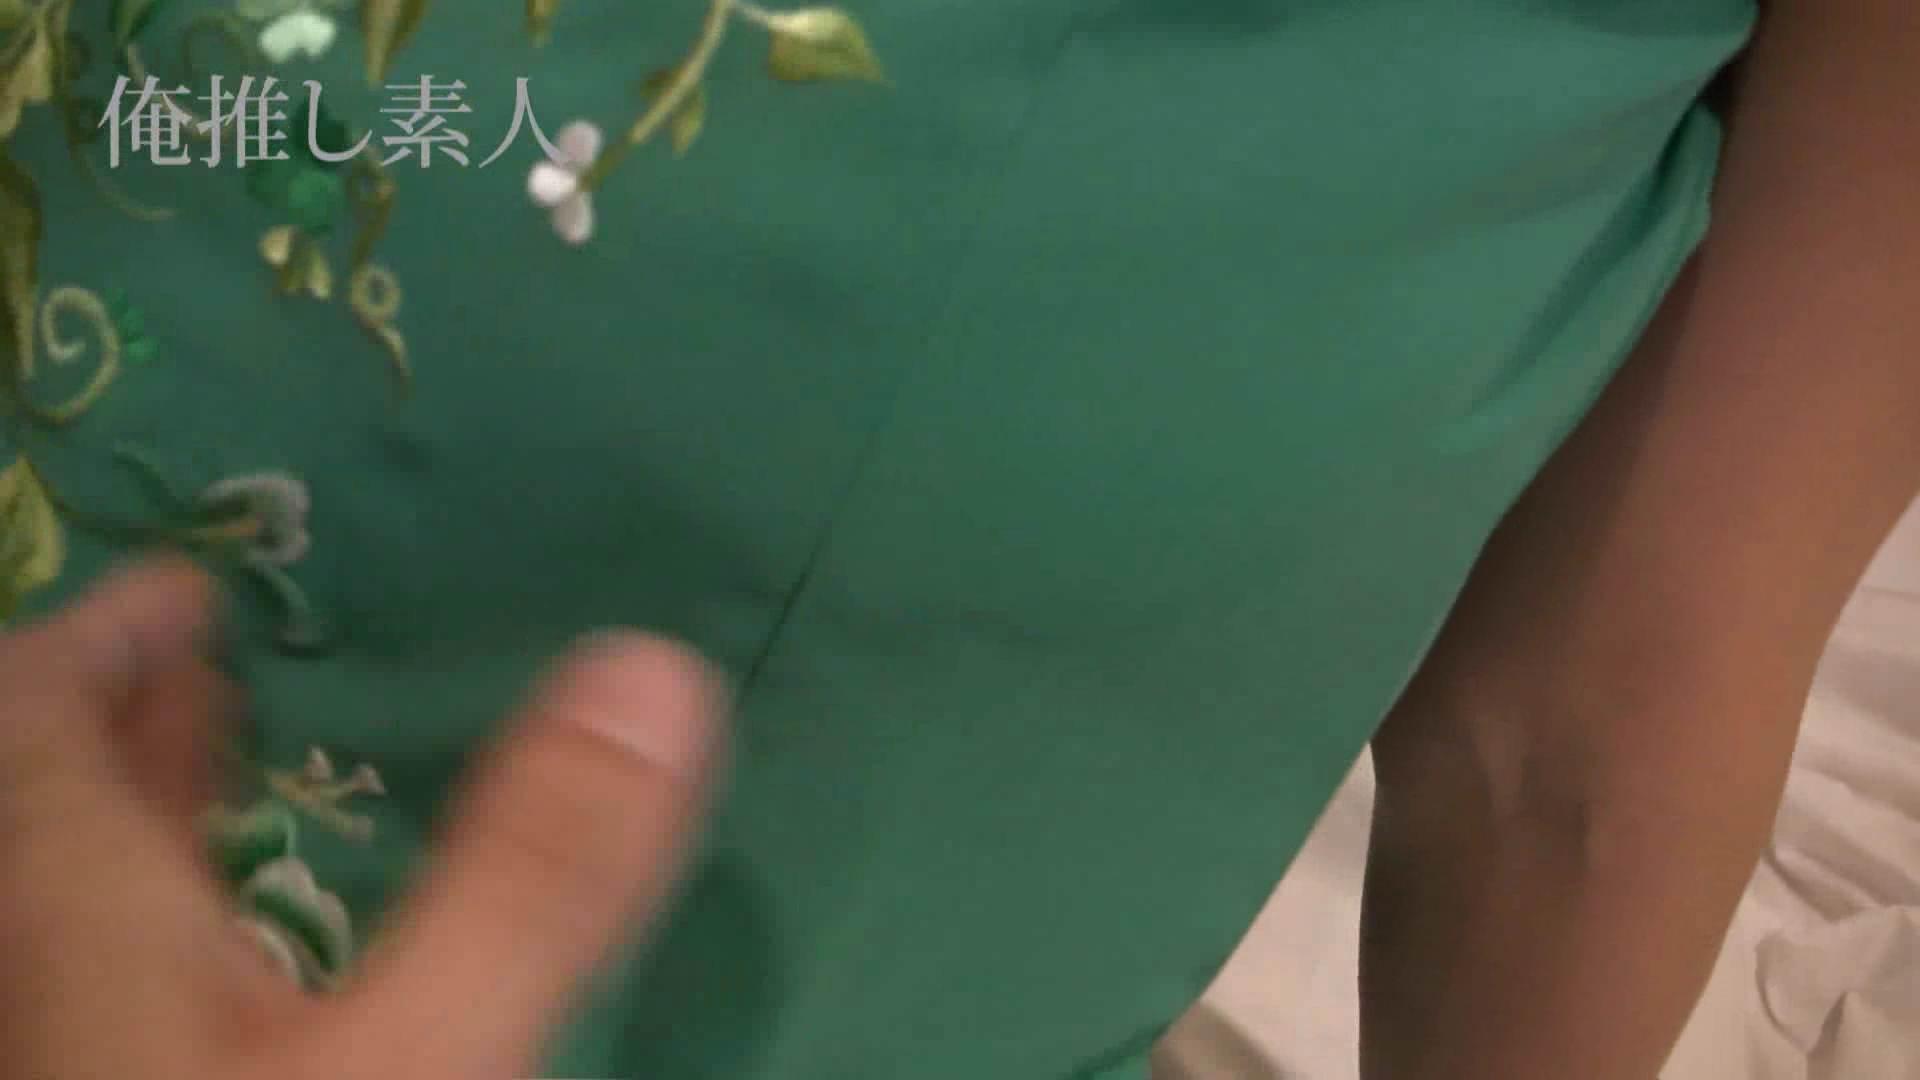 俺推し素人 Gカップ人妻キャバ嬢 雫 キャバ嬢 | 投稿  50連発 1